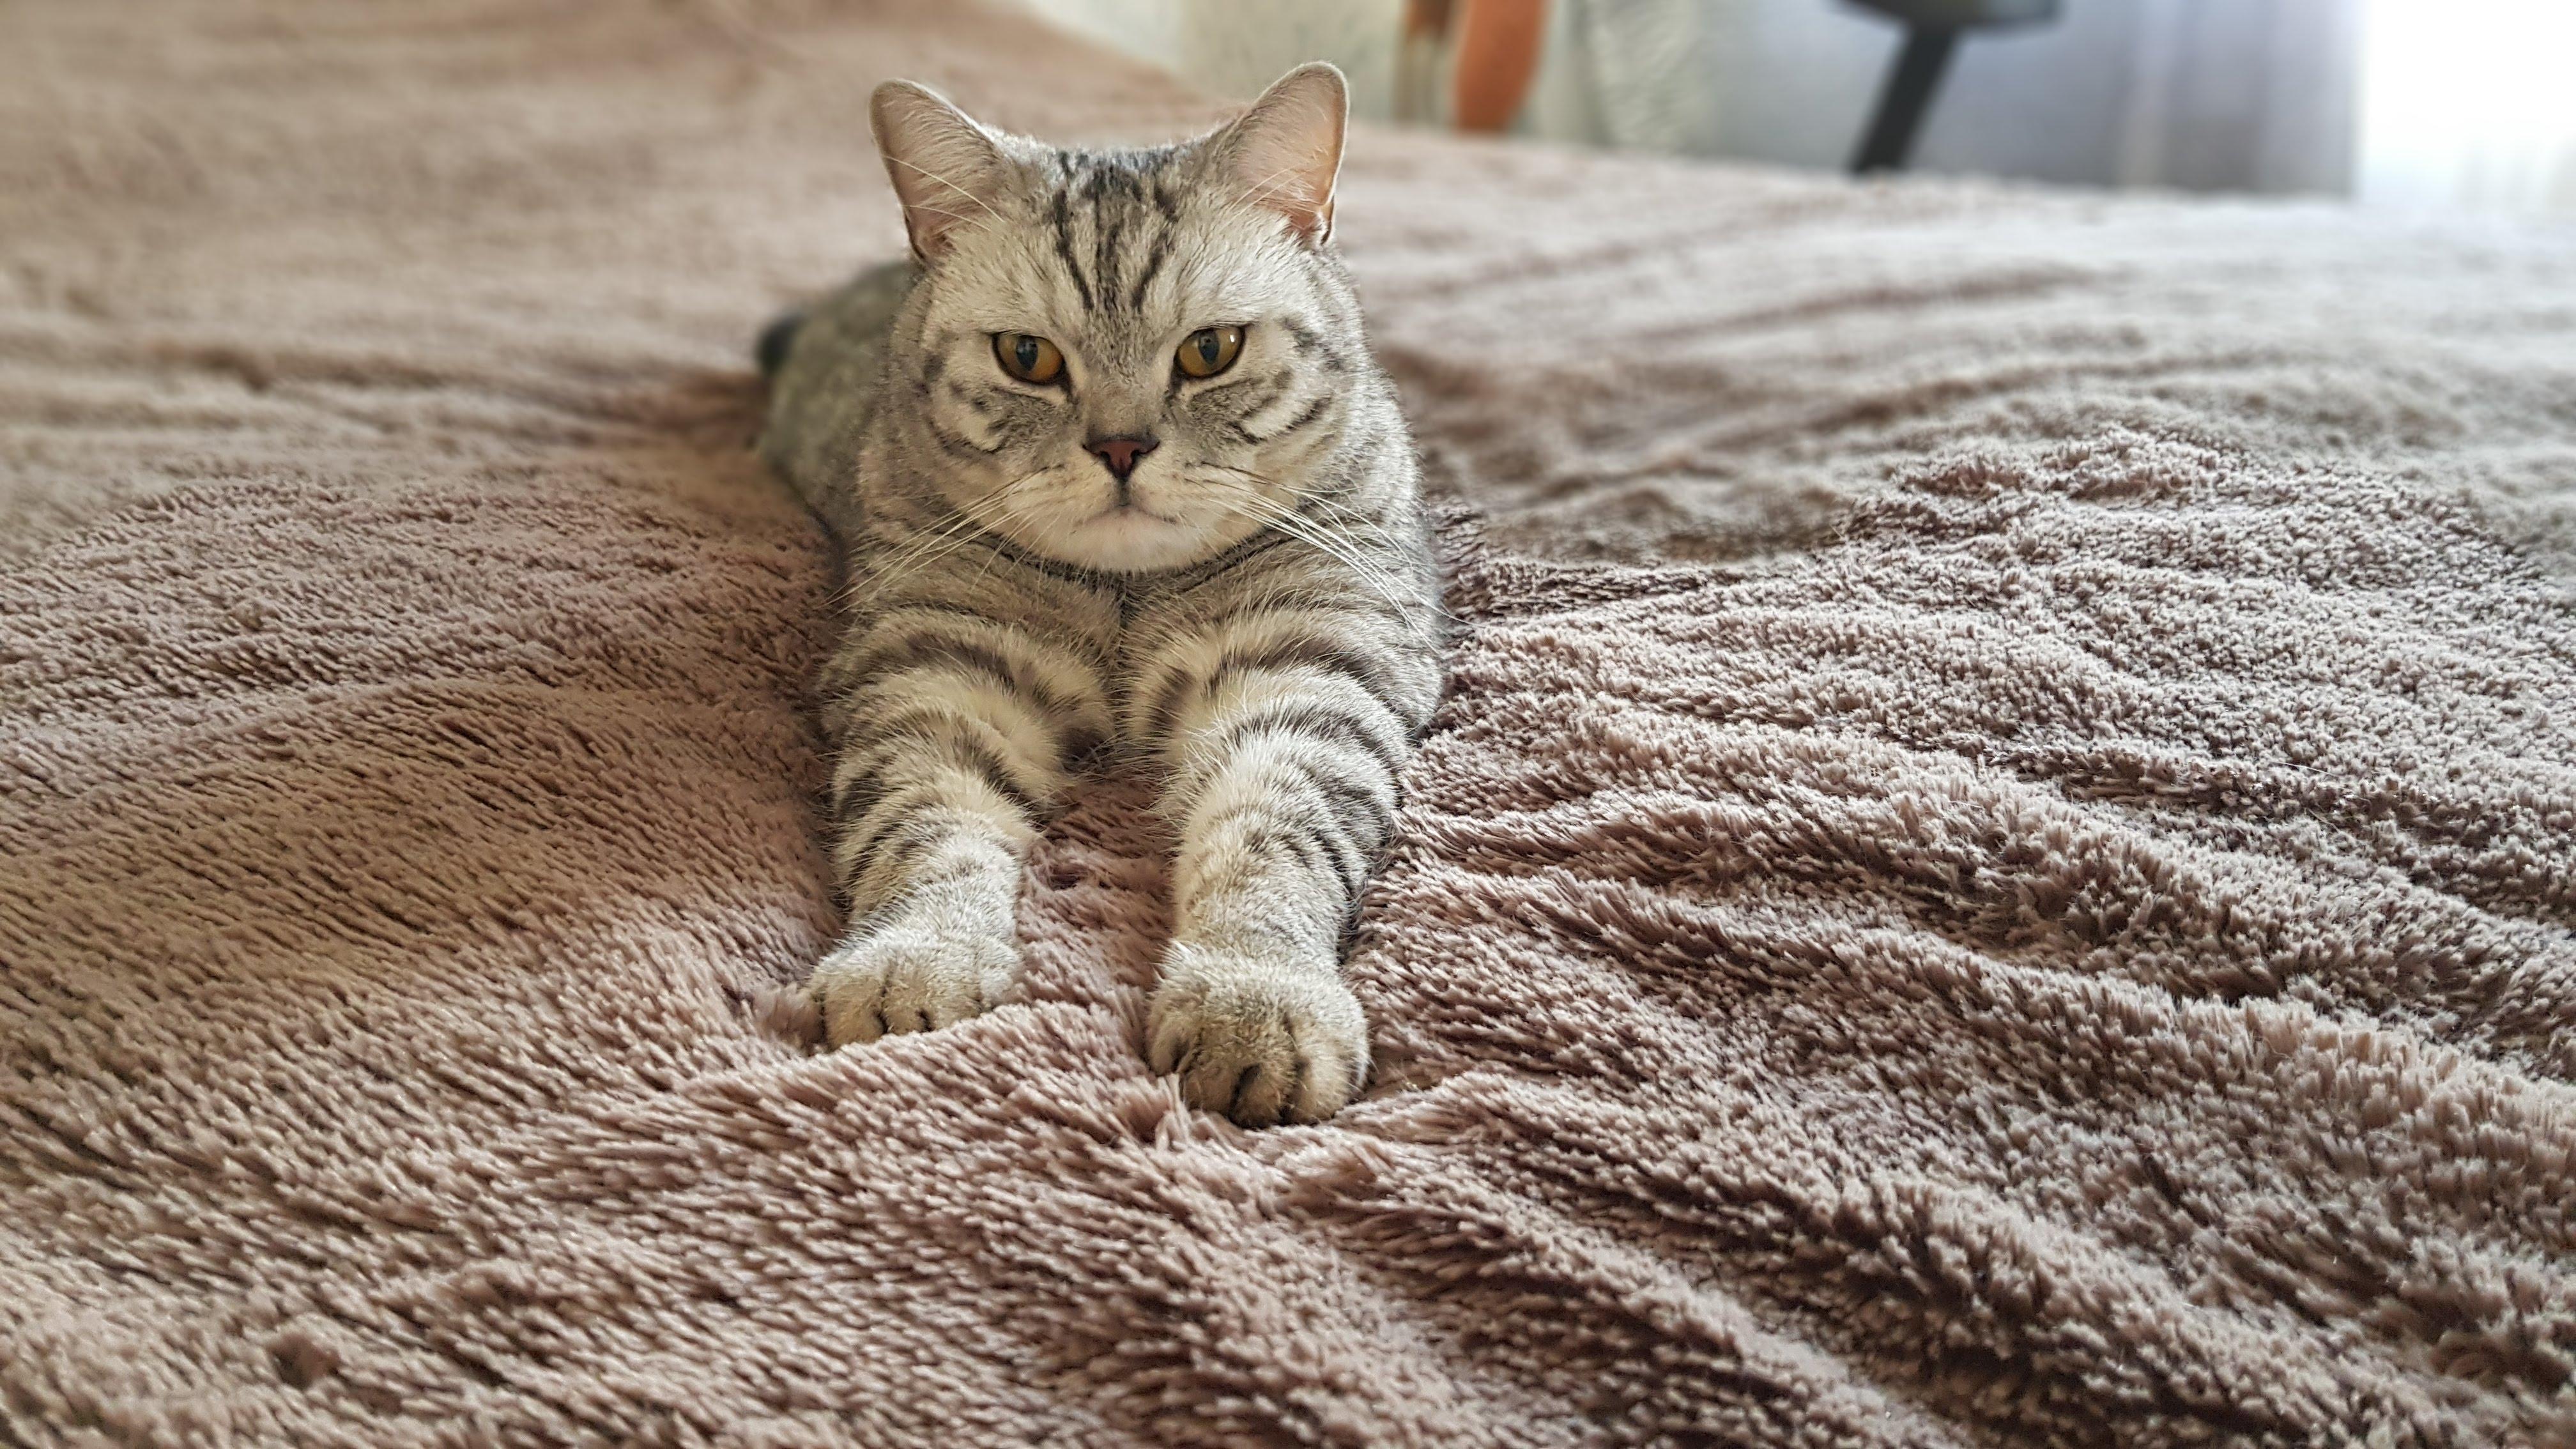 Инстаграм кота Вискарика Шотландского